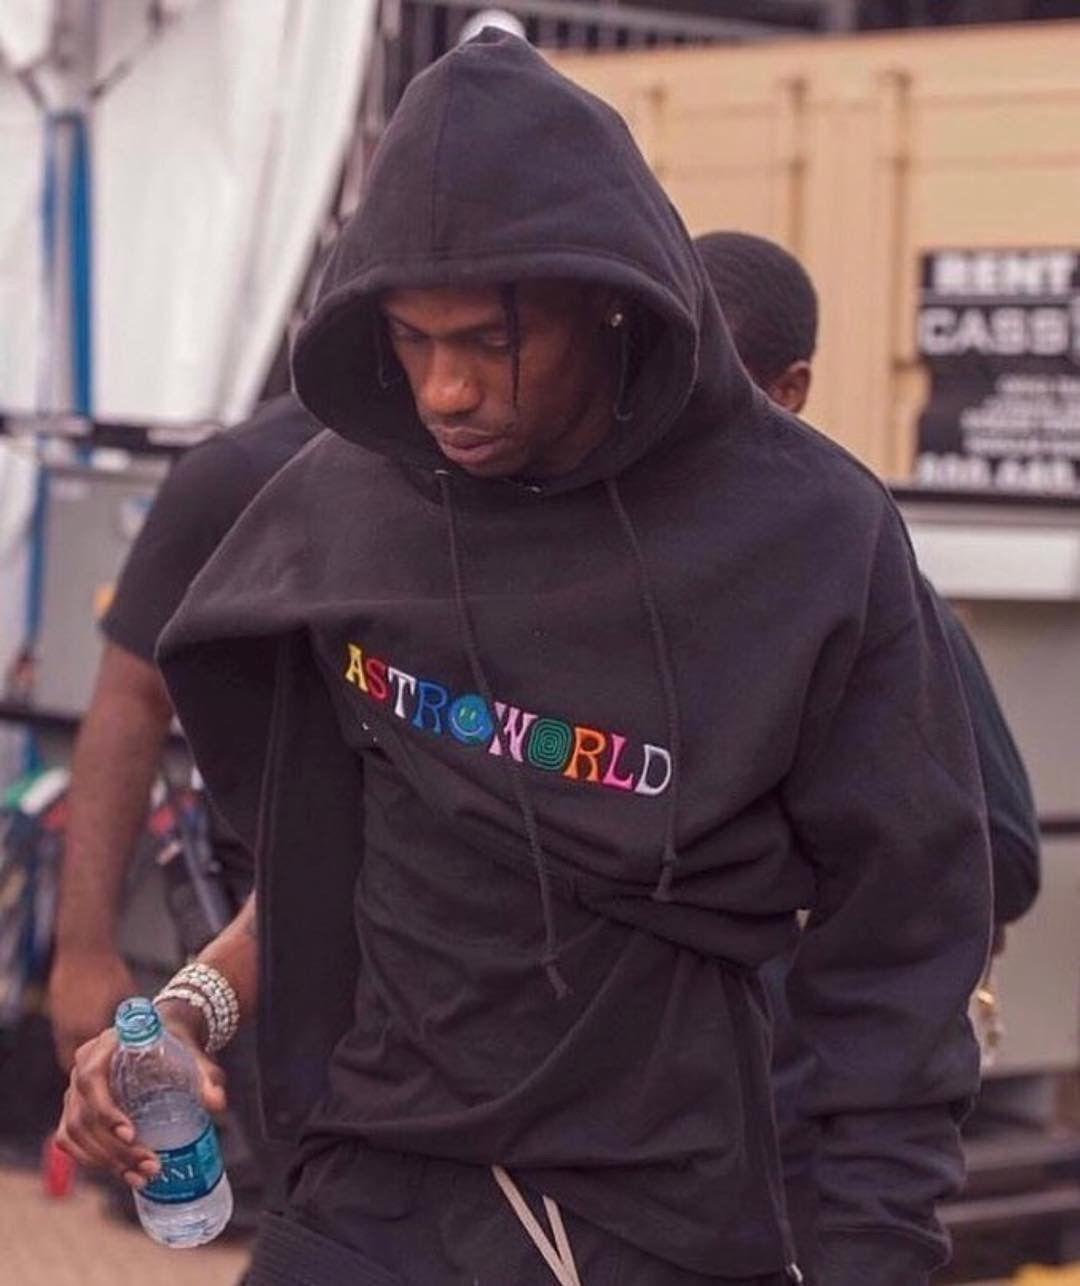 bbf08c2446a35 Compre Rapero Travis Scott Astroworld Diseñador Hip Hop Sudaderas Con  Capucha Casual Sudaderas Hombre Impreso High Street Pullover A  91.38 Del  Cinda01 ...